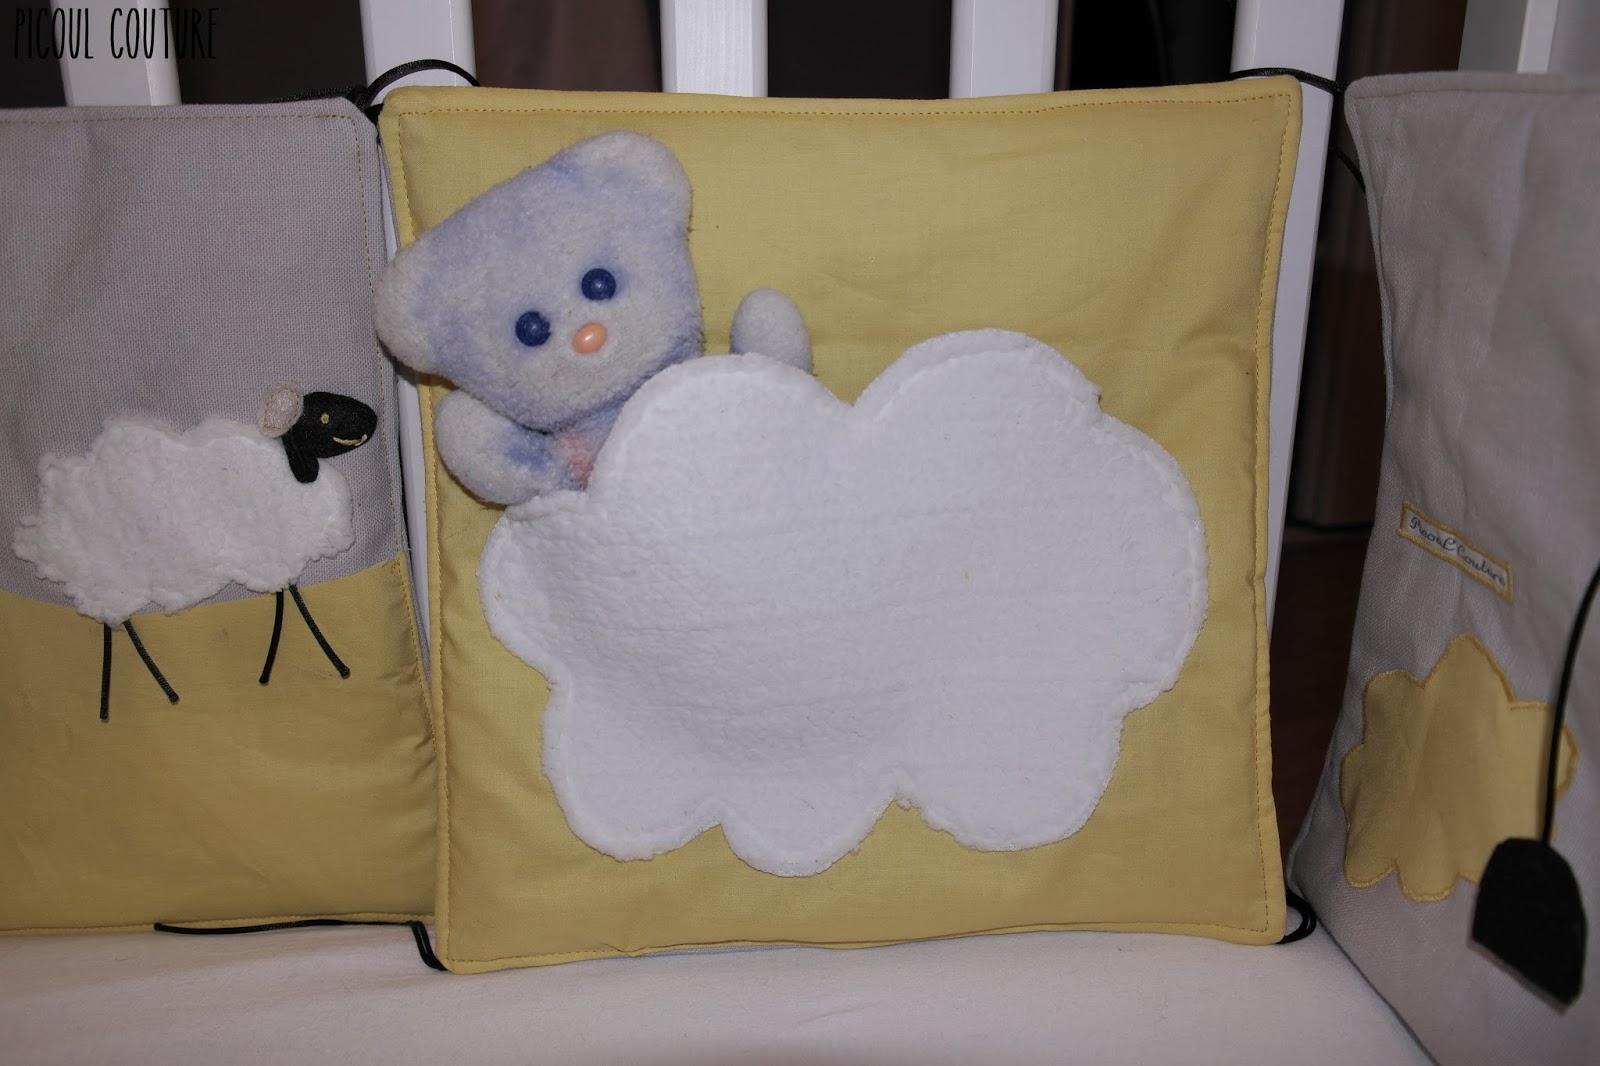 Picoul couture le tour de lit sur le th me moutons et - Comment mettre le tour de lit ...